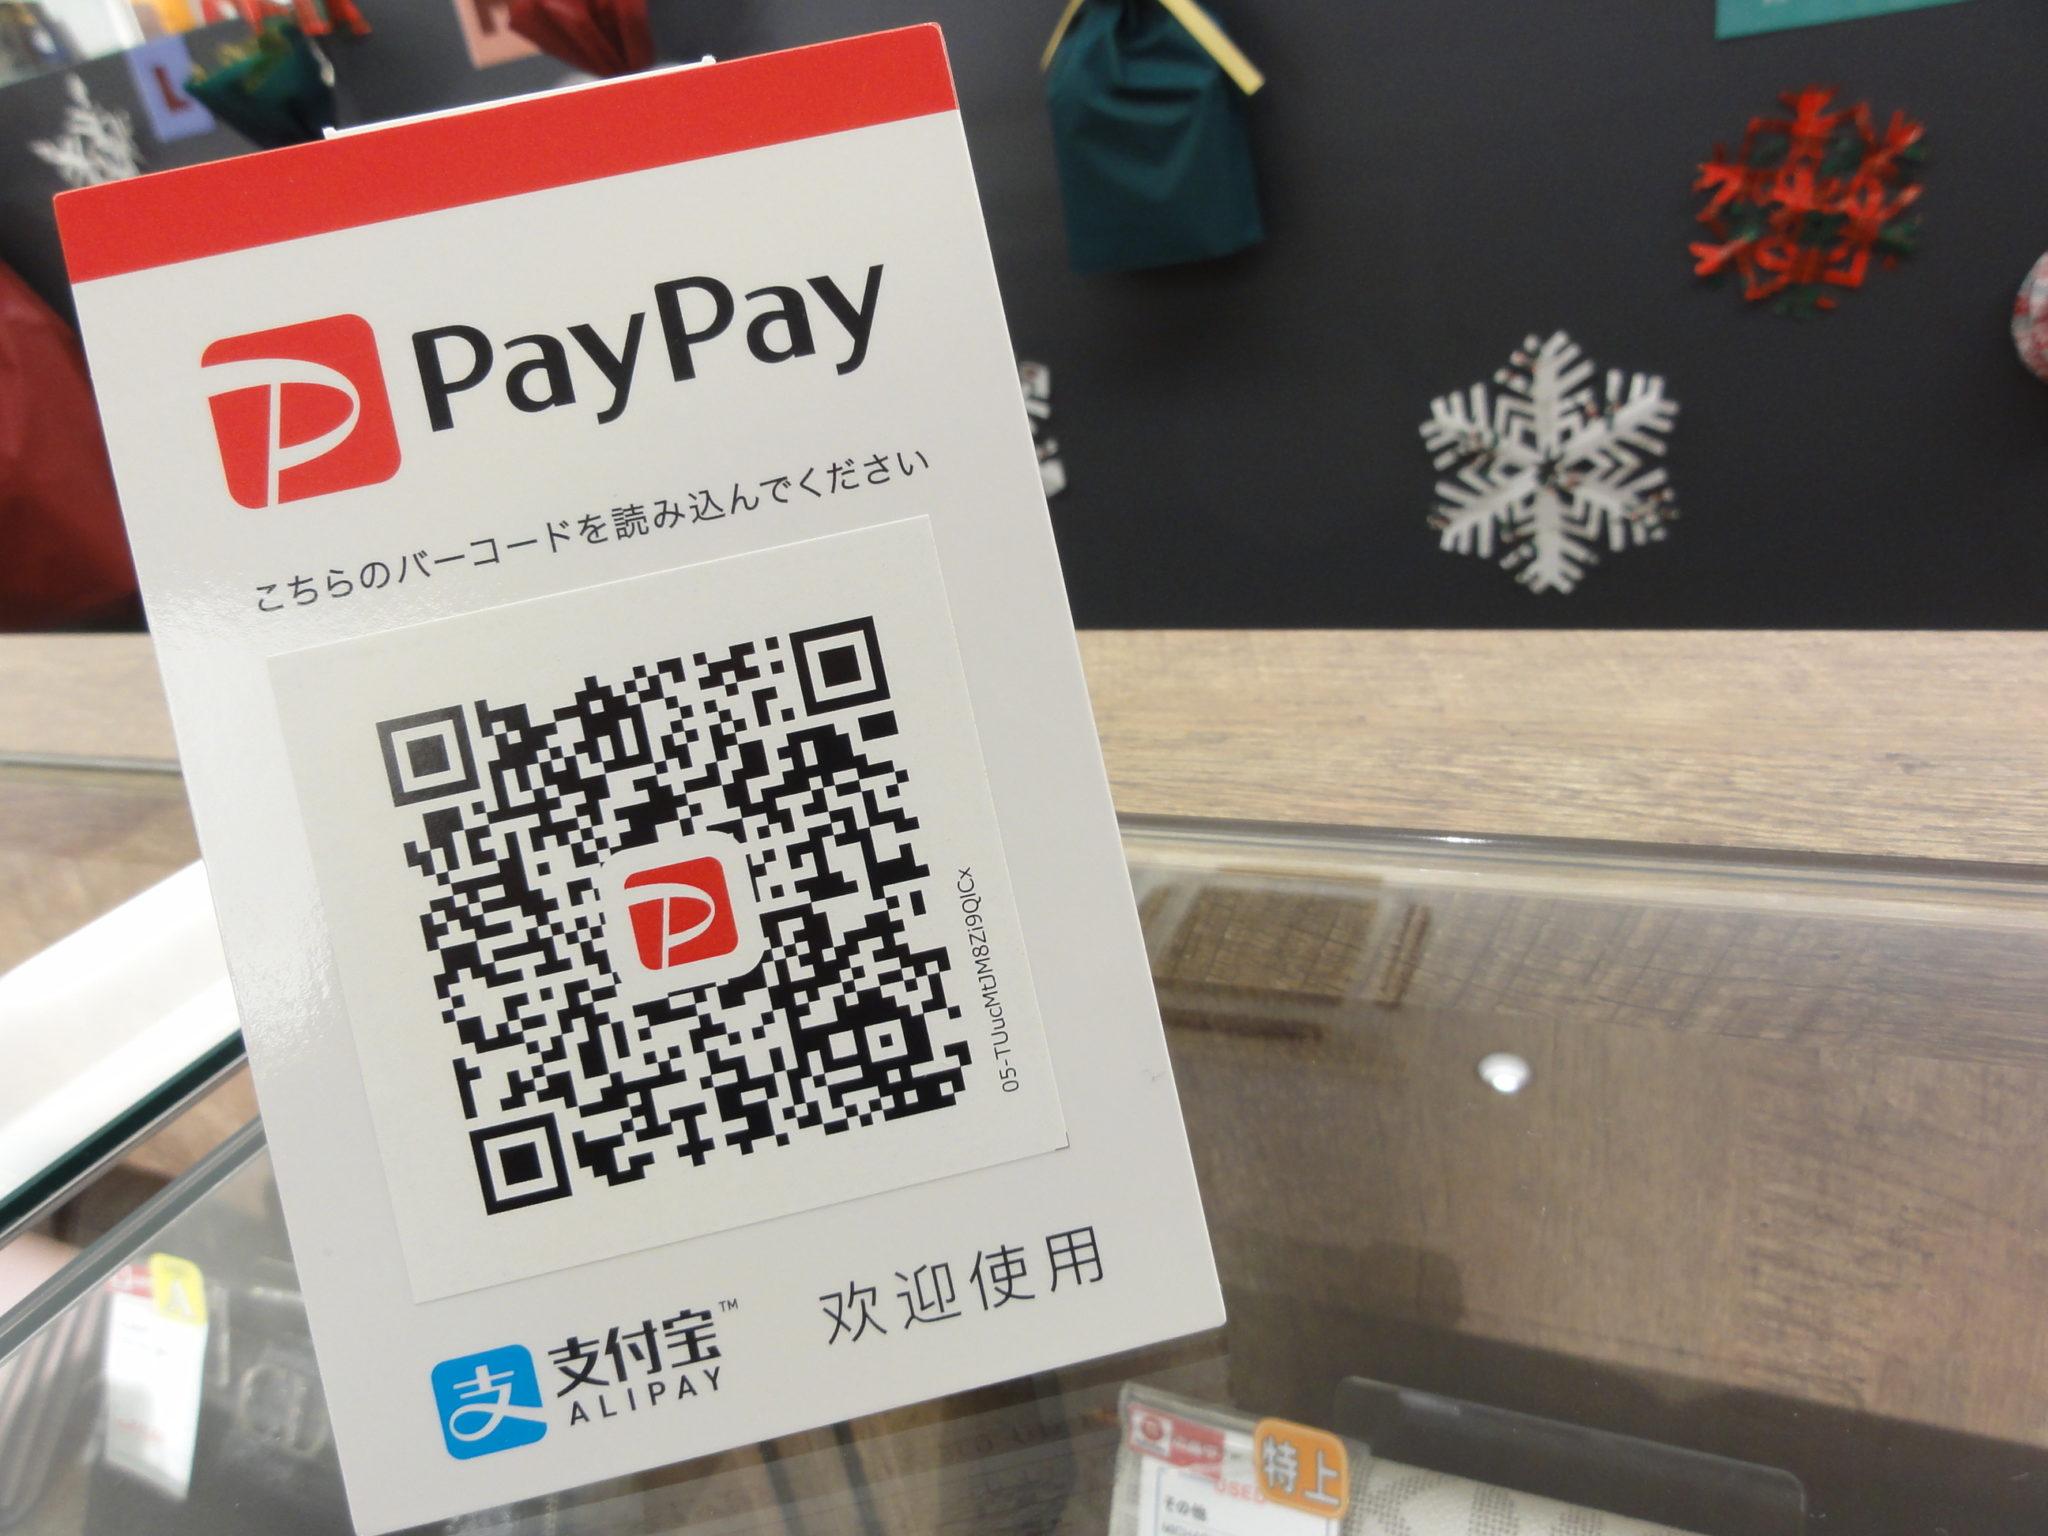 【盛岡 PayPay】ペイペイも使えます!